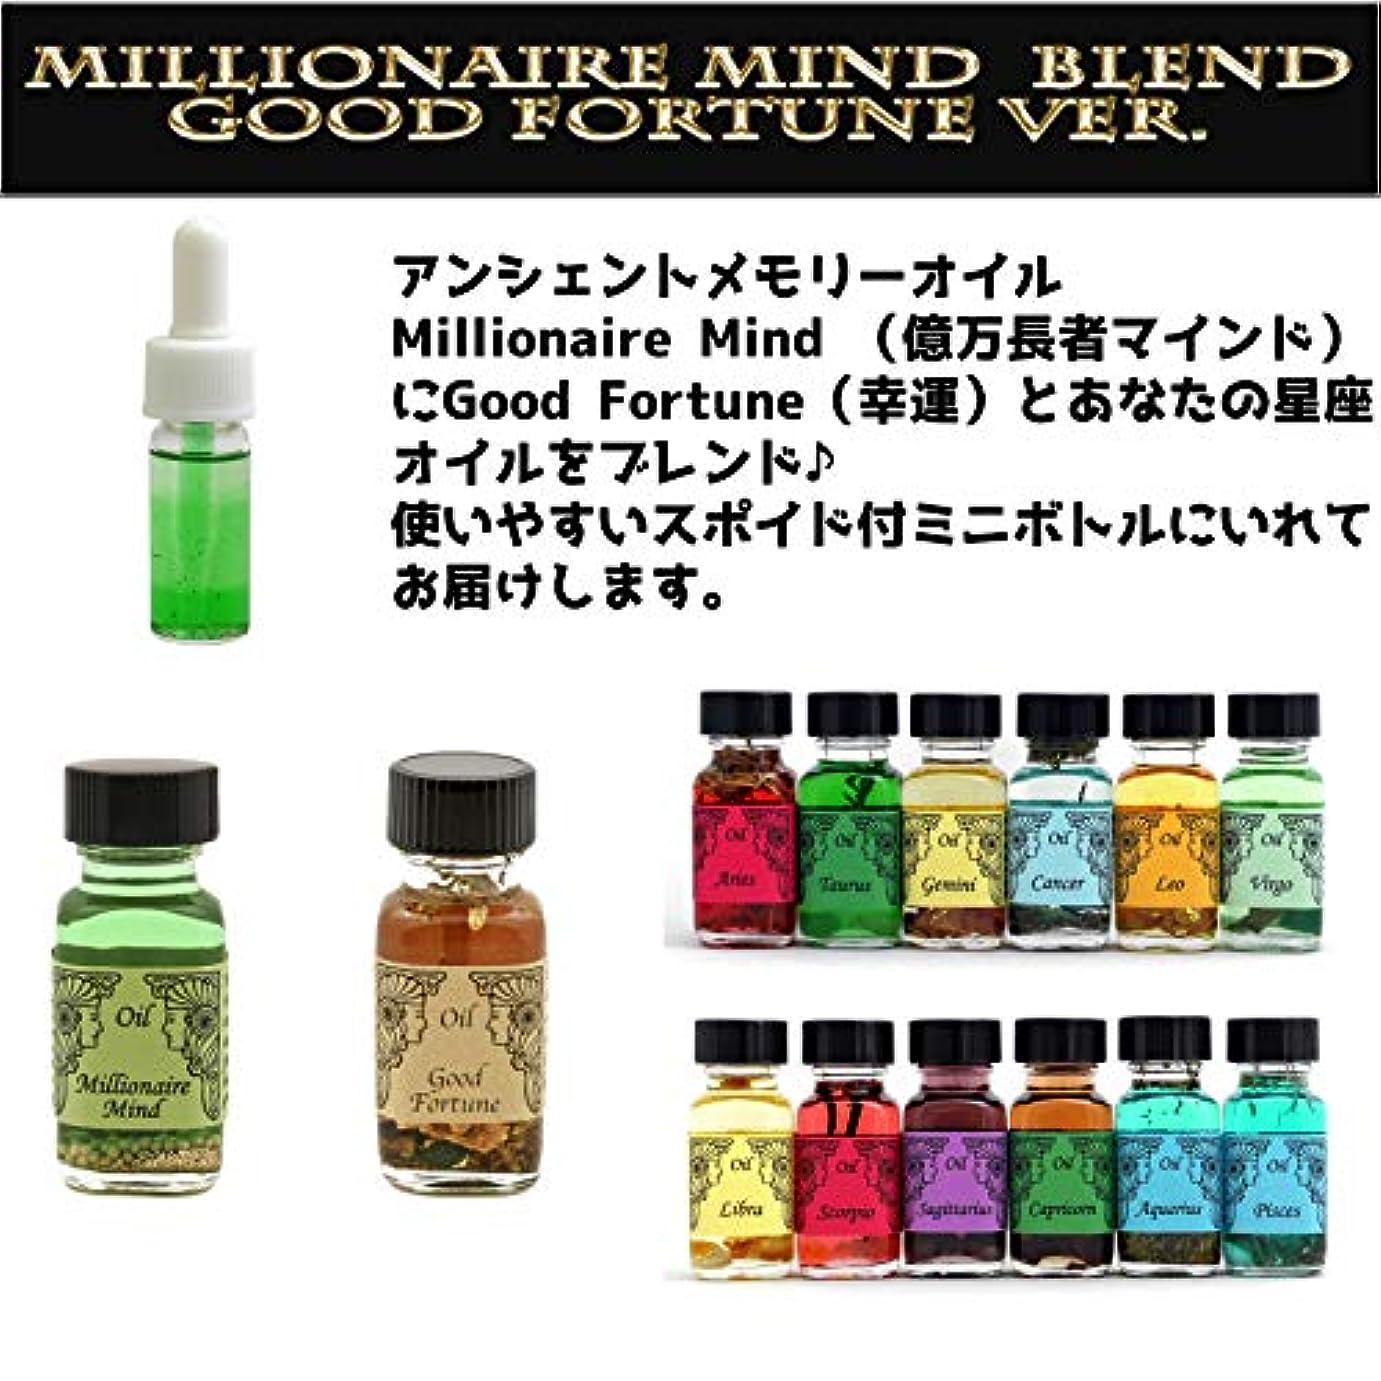 瞳ステレオタイプストレスの多いアンシェントメモリーオイル Millionaire Mind 億万長者マインド ブレンド【Good Fortune グッドフォーチュン 幸運&みずがめ座】